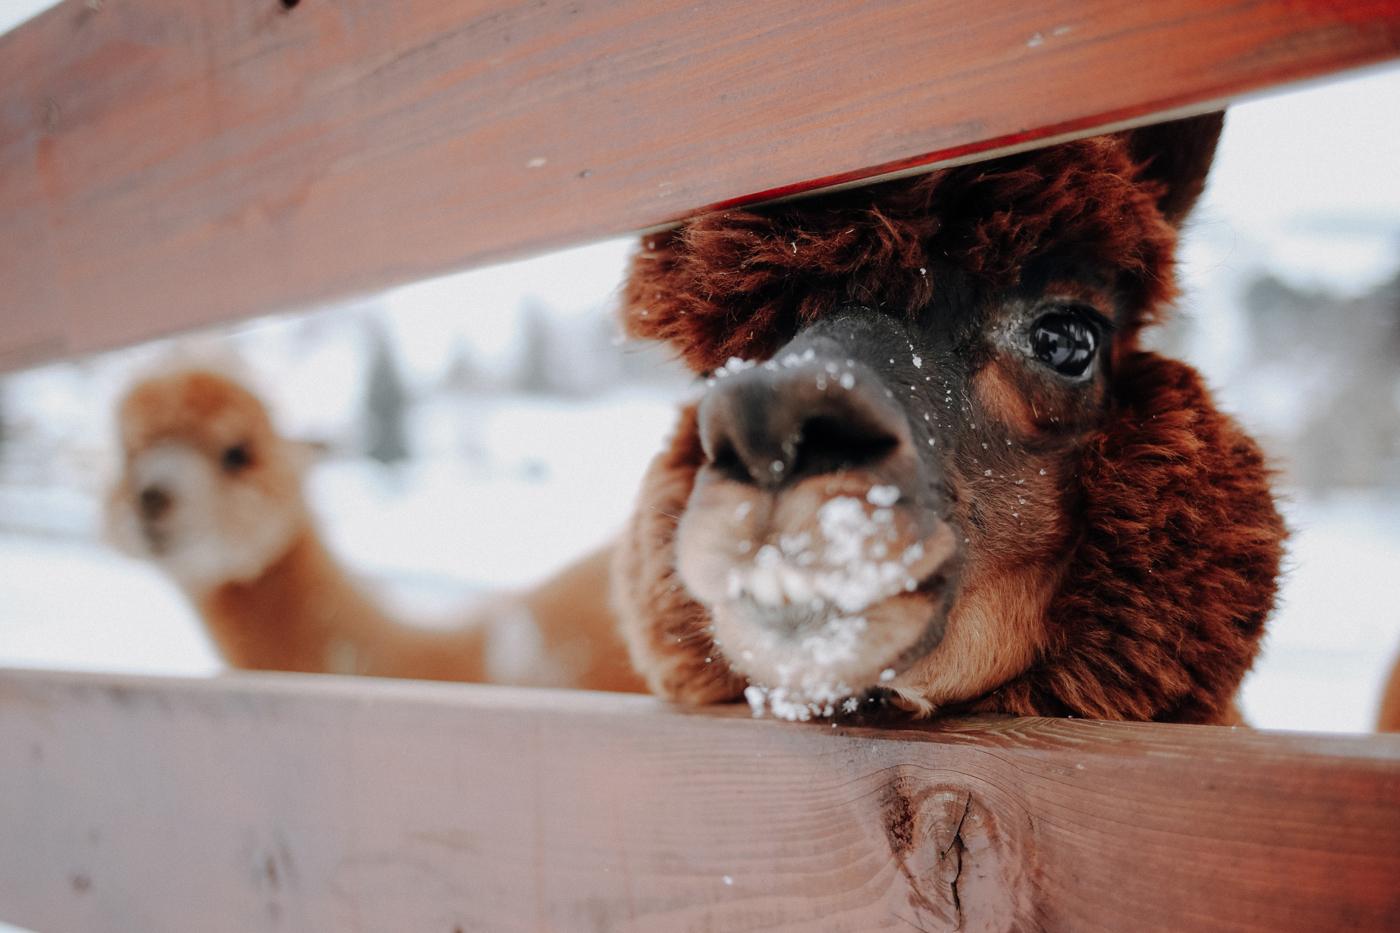 """Nice to know: Das Alpaka Alpakas sind eine südamerikanische, domestizierte Kamelform, die schon seit 3000 v.Chr. vorwiegend wegen ihrer Wolle gezüchtet werden. Ihre nächsten Verwandten sind Guanacos, Vicunjas und Lamas. Wie alle Kamele sind auch Alpakas soziale Herdentiere. Heute gibt es etwa drei Millionen Tiere, vorwiegend in Peru, Bolivien Chile. In Europa werden sie erst seit wenigen Jahren als Hobbytiere gehalten. Für die Inkas jedoch hatten sie eine besondere Bedeutung: Die hochwertige Wolle wurde als das """"Vlies der Götter"""" verehrt, entsprechend groß waren die Herden. Die Eroberung Perus durch die Spanier und ihre mitgebrachten Schafe veränderten jedoch die Zucht. Es bestand kein Interesse daran, die einheimischen Tiere zu erforschen, sodass sich das einstmals göttliche Tier zum Nutztier der armen Bevölkerung entwickelte und zwischenzeitlich sogar fast ausstarb. Erst mit der Unabhängigkeit der Staaten Südamerikas erkannte man erneut den Wert des Alpakas. Seither wird die Wolle in alle Welt exportiert."""